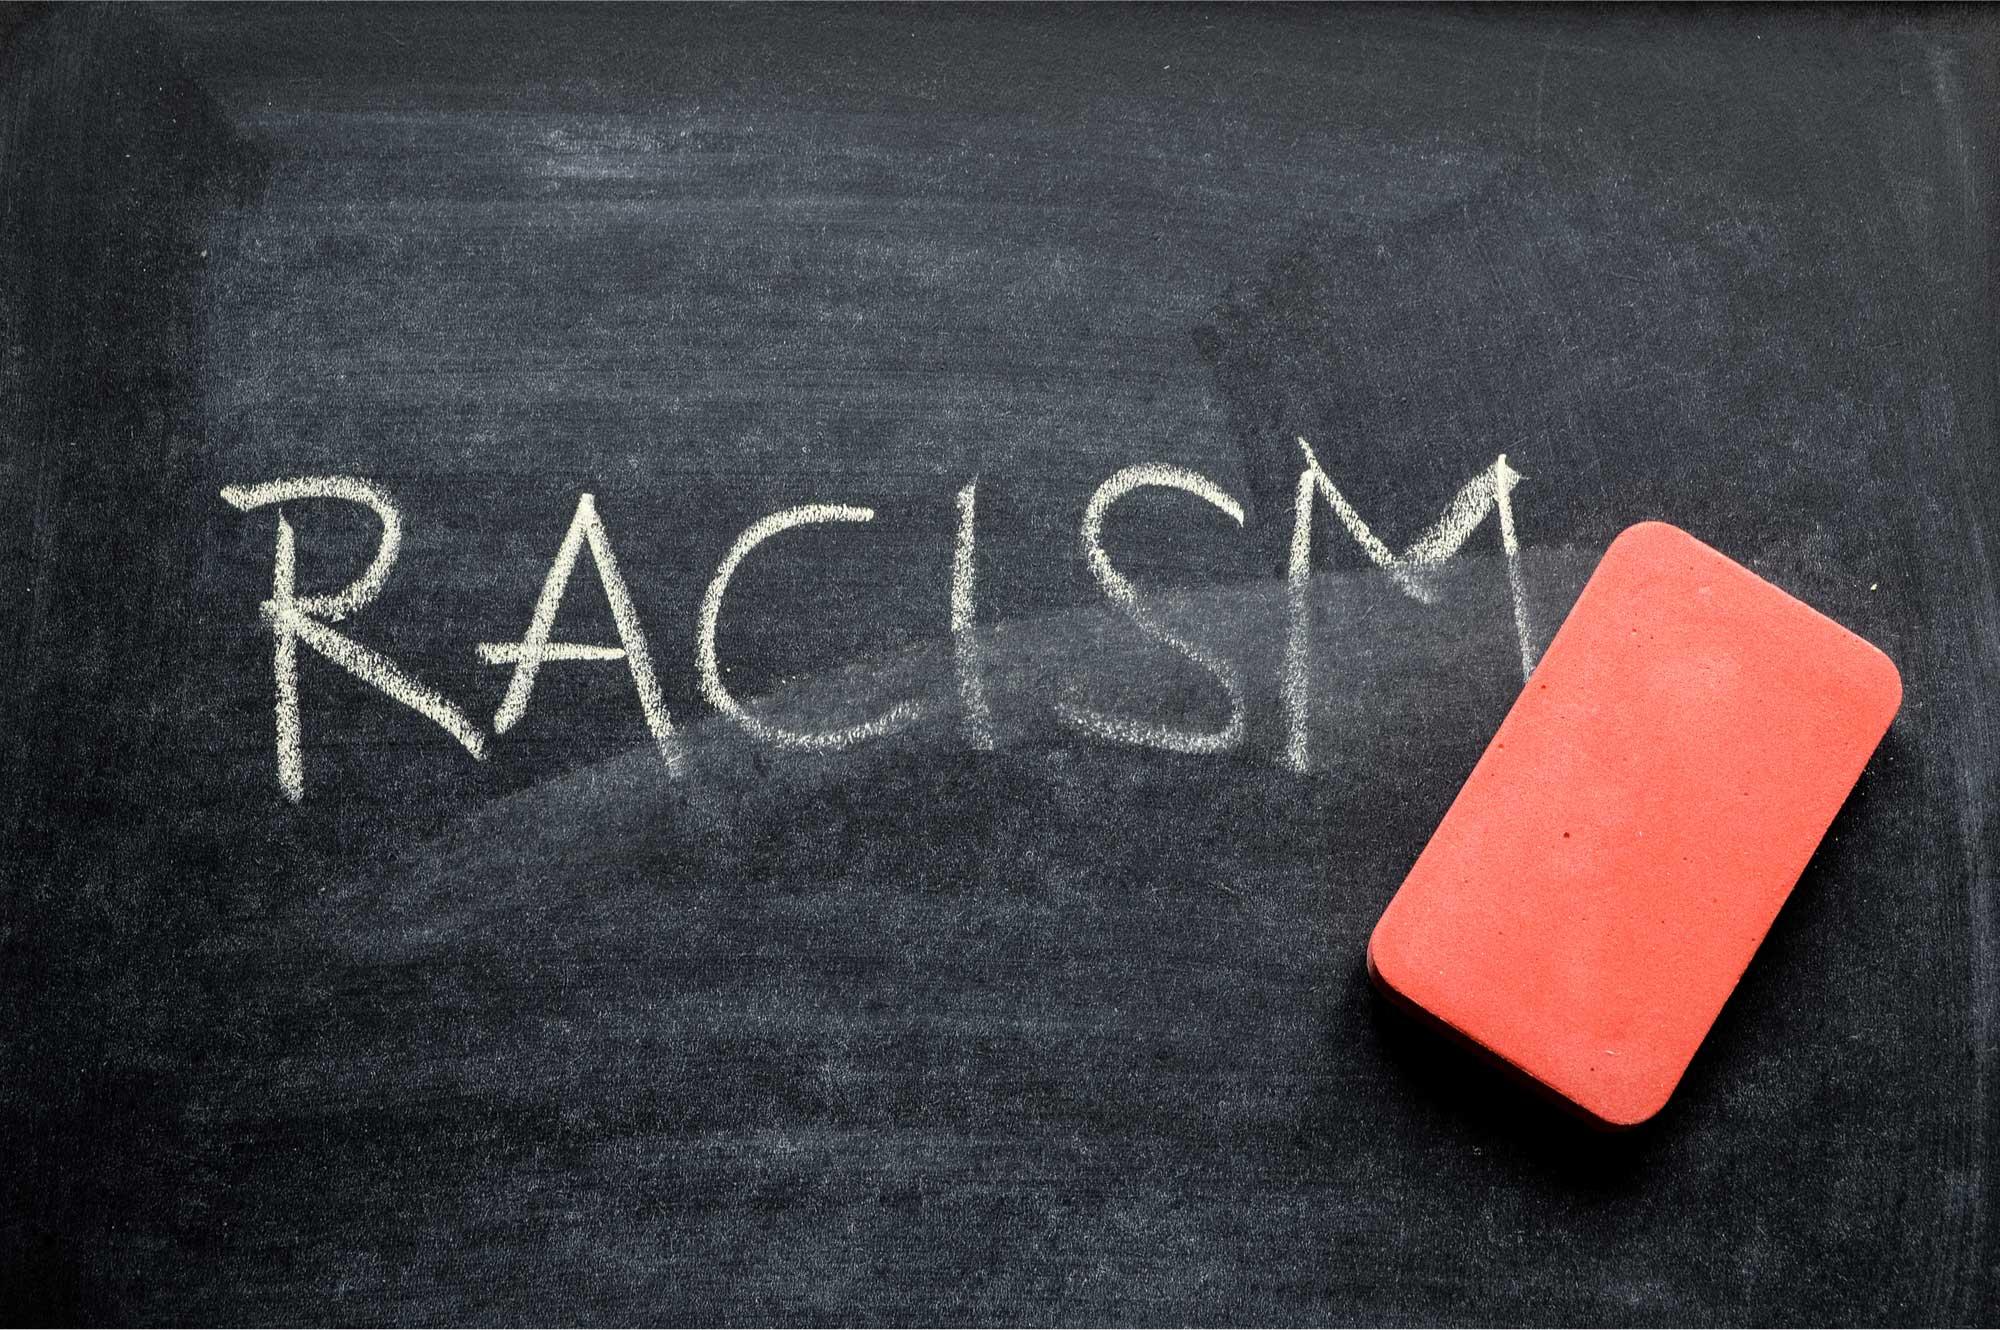 Racismo en Chile: entre el caso Floyd y la emergencia sanitaria